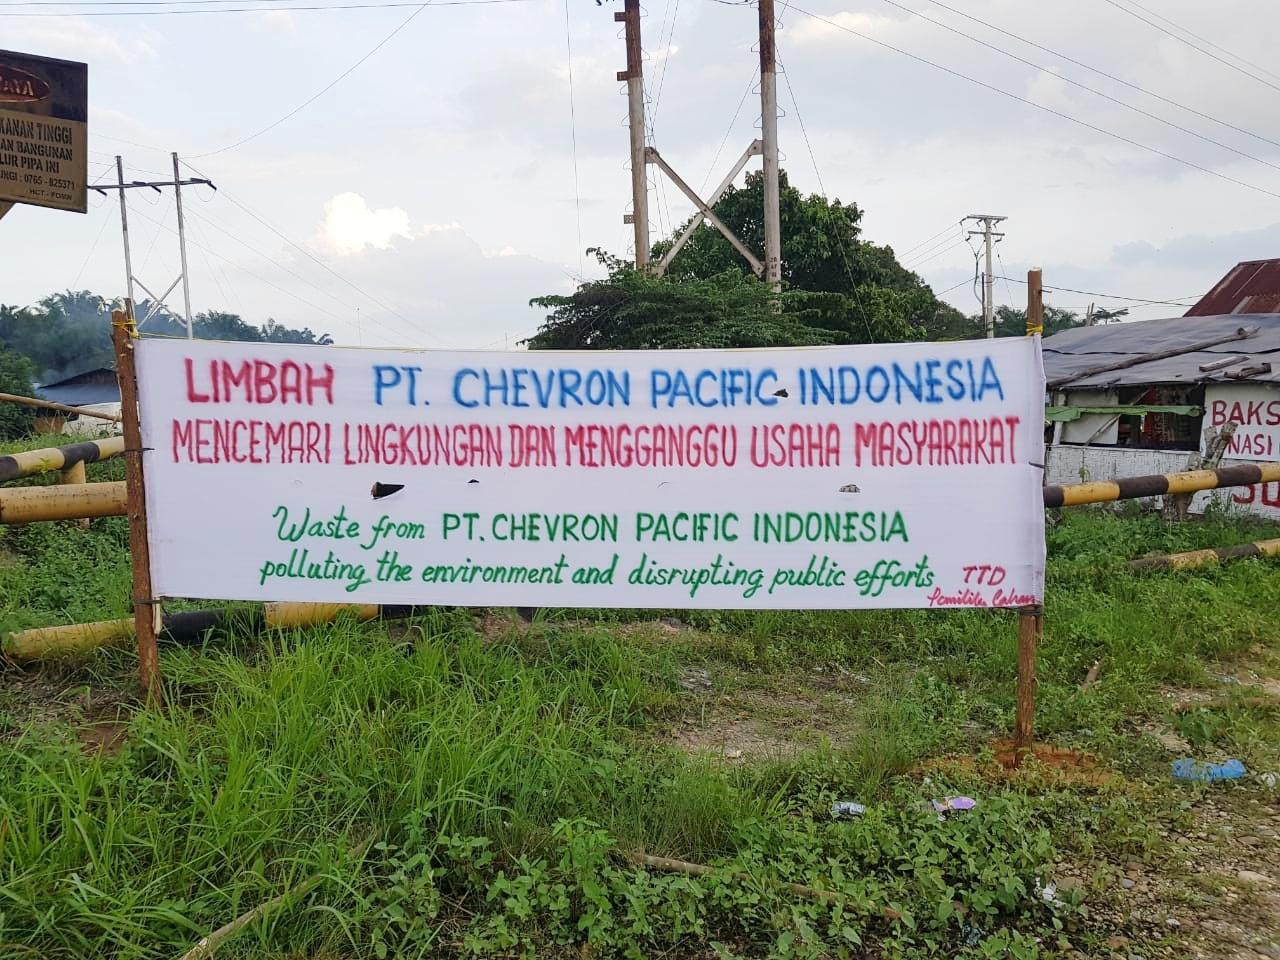 Kesal dengan sikap PT Chevron, Auzar Cs Bentangkan Spanduk dan Akan Surati Kementerian Lingkungan Hidup